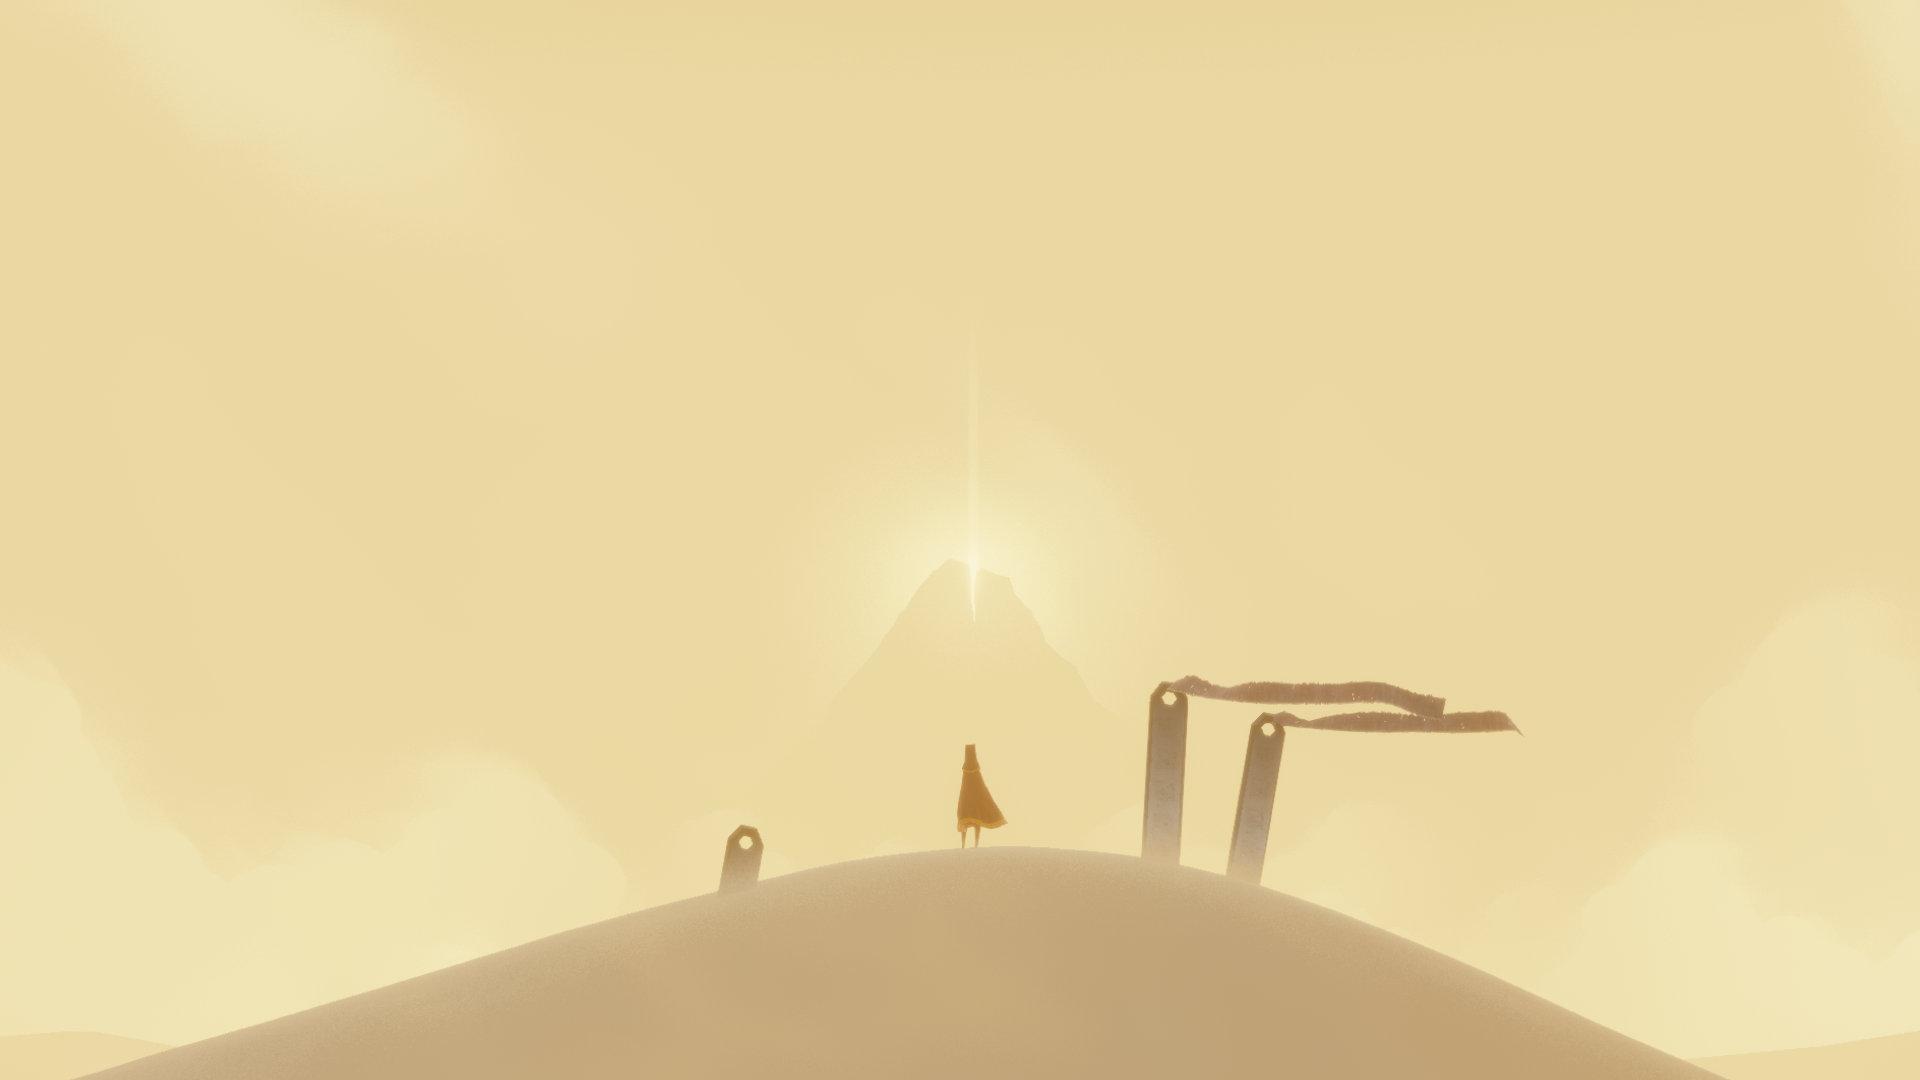 Journey [First Vista]